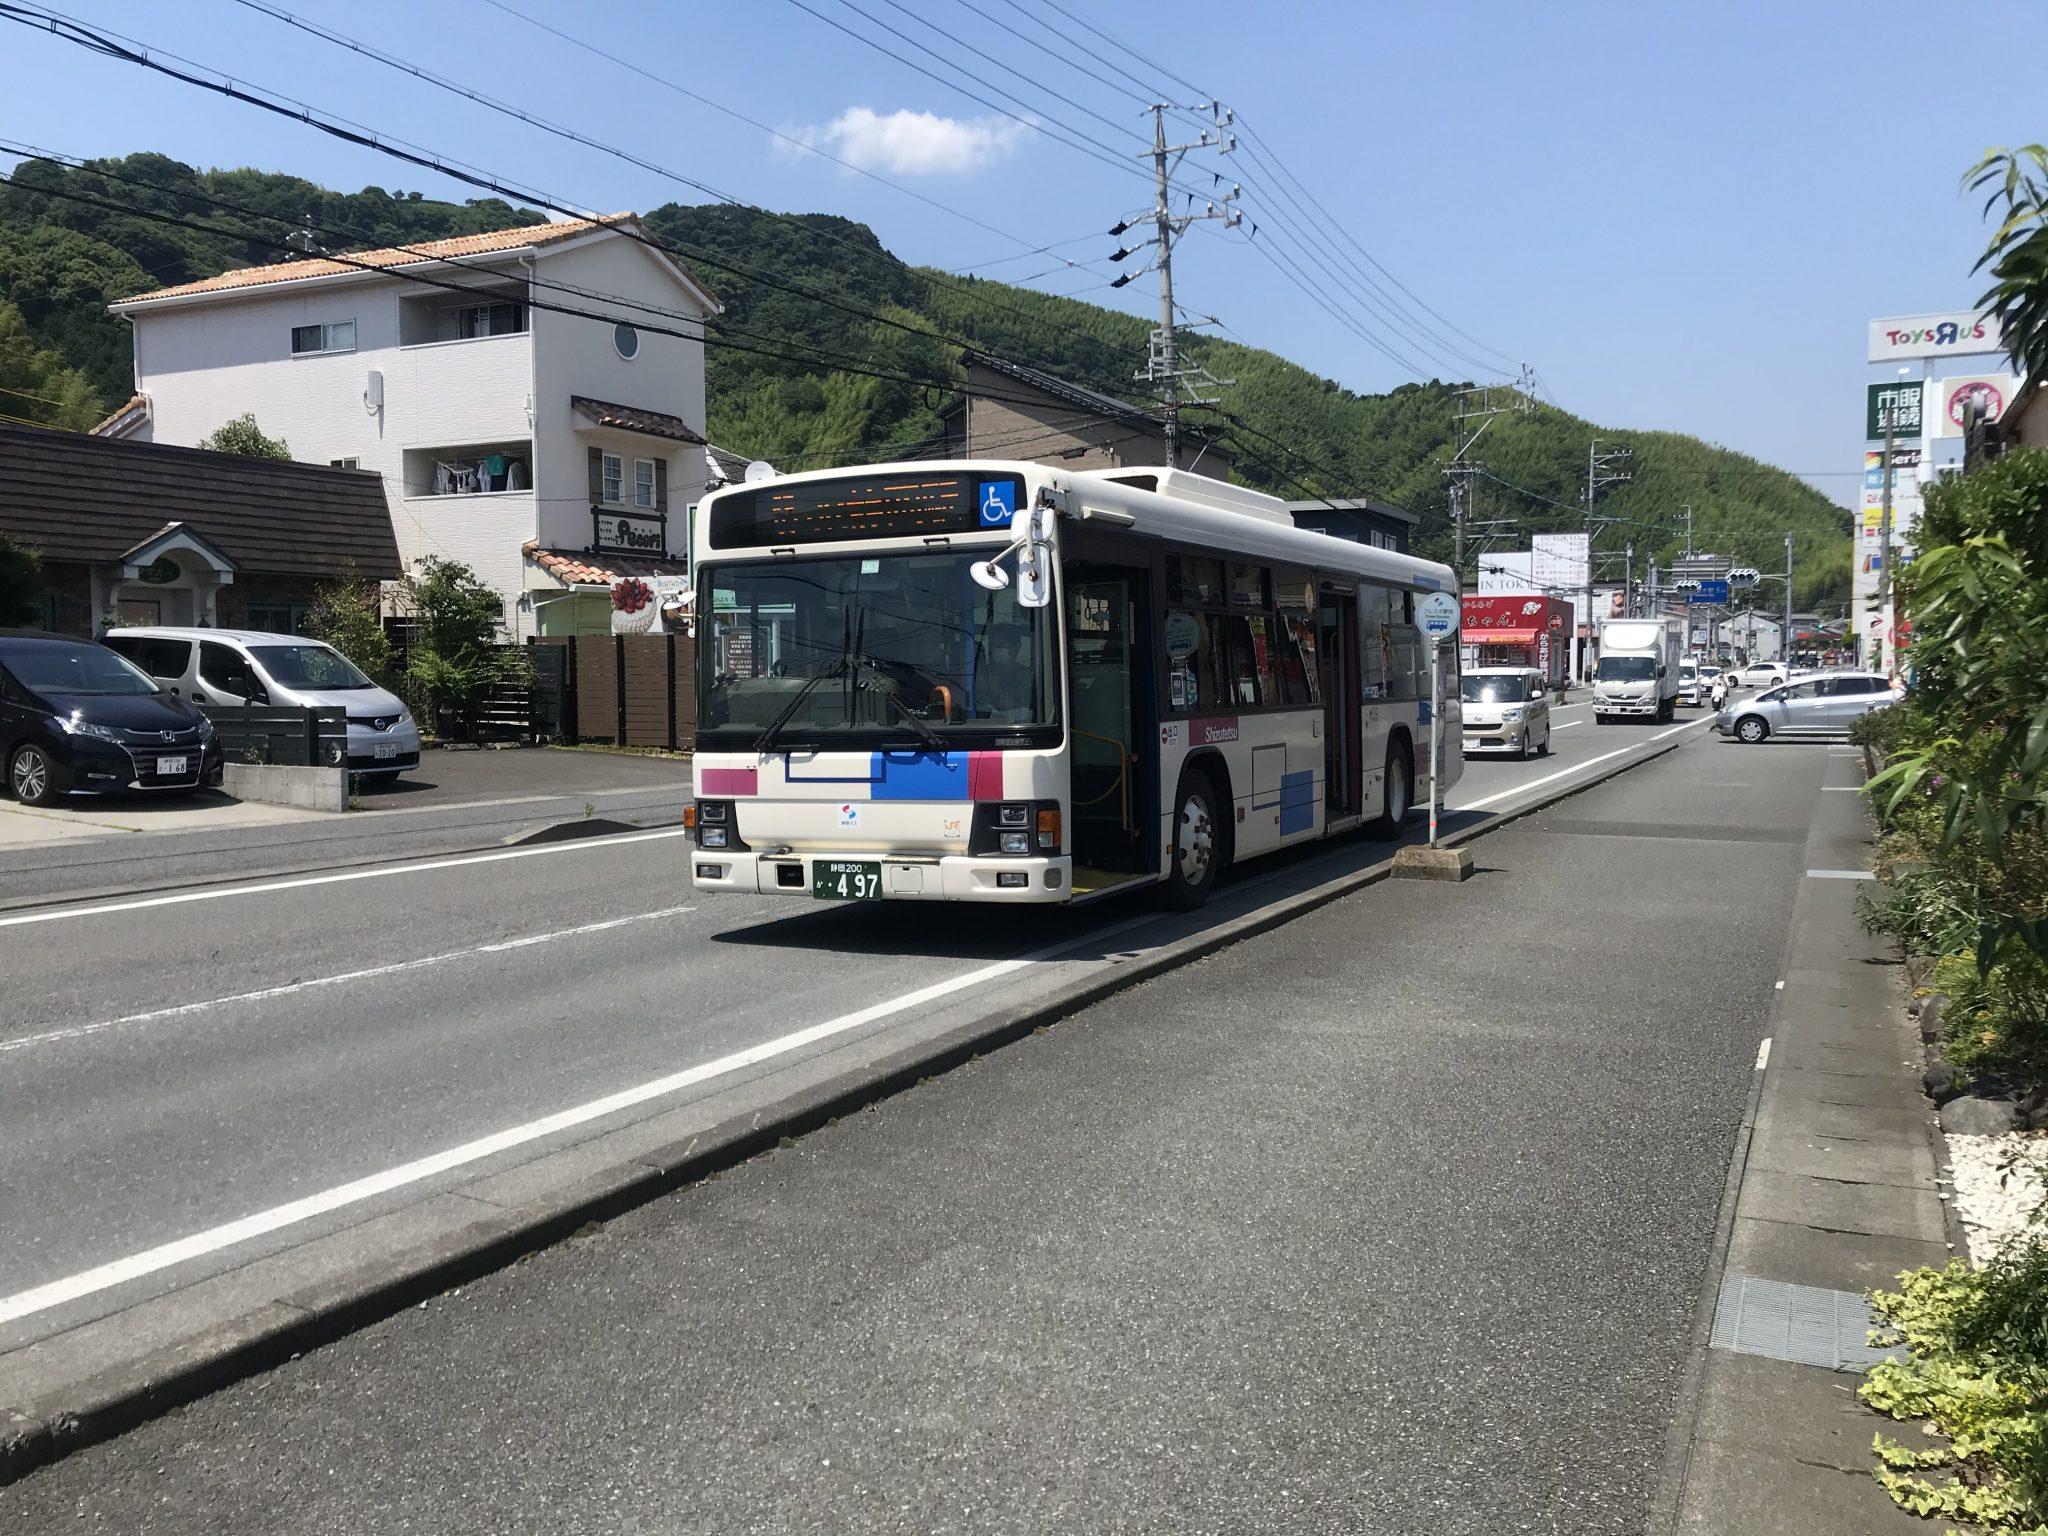 静鉄バス「フレスポ静岡」バス停からは、JR静岡駅・清水駅まで直通の路線があります。